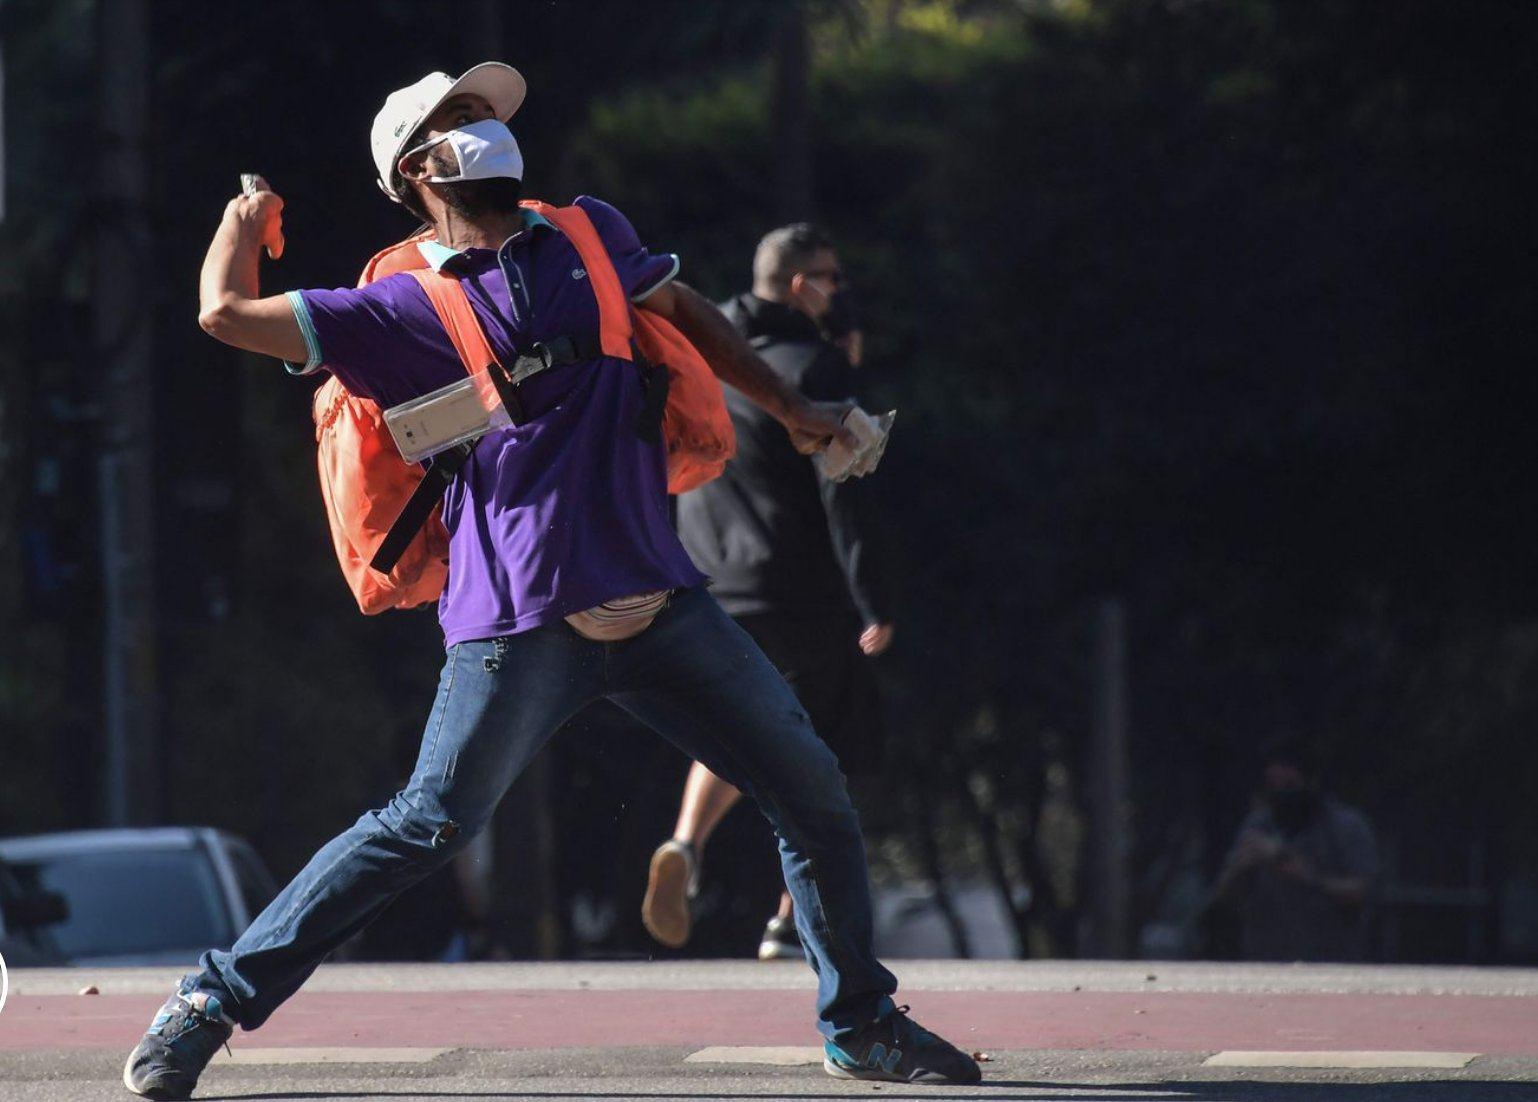 Homem pardo de máscara e com uma mochila de aplicativo de entrega arremessando uma pedra durante manifestação.